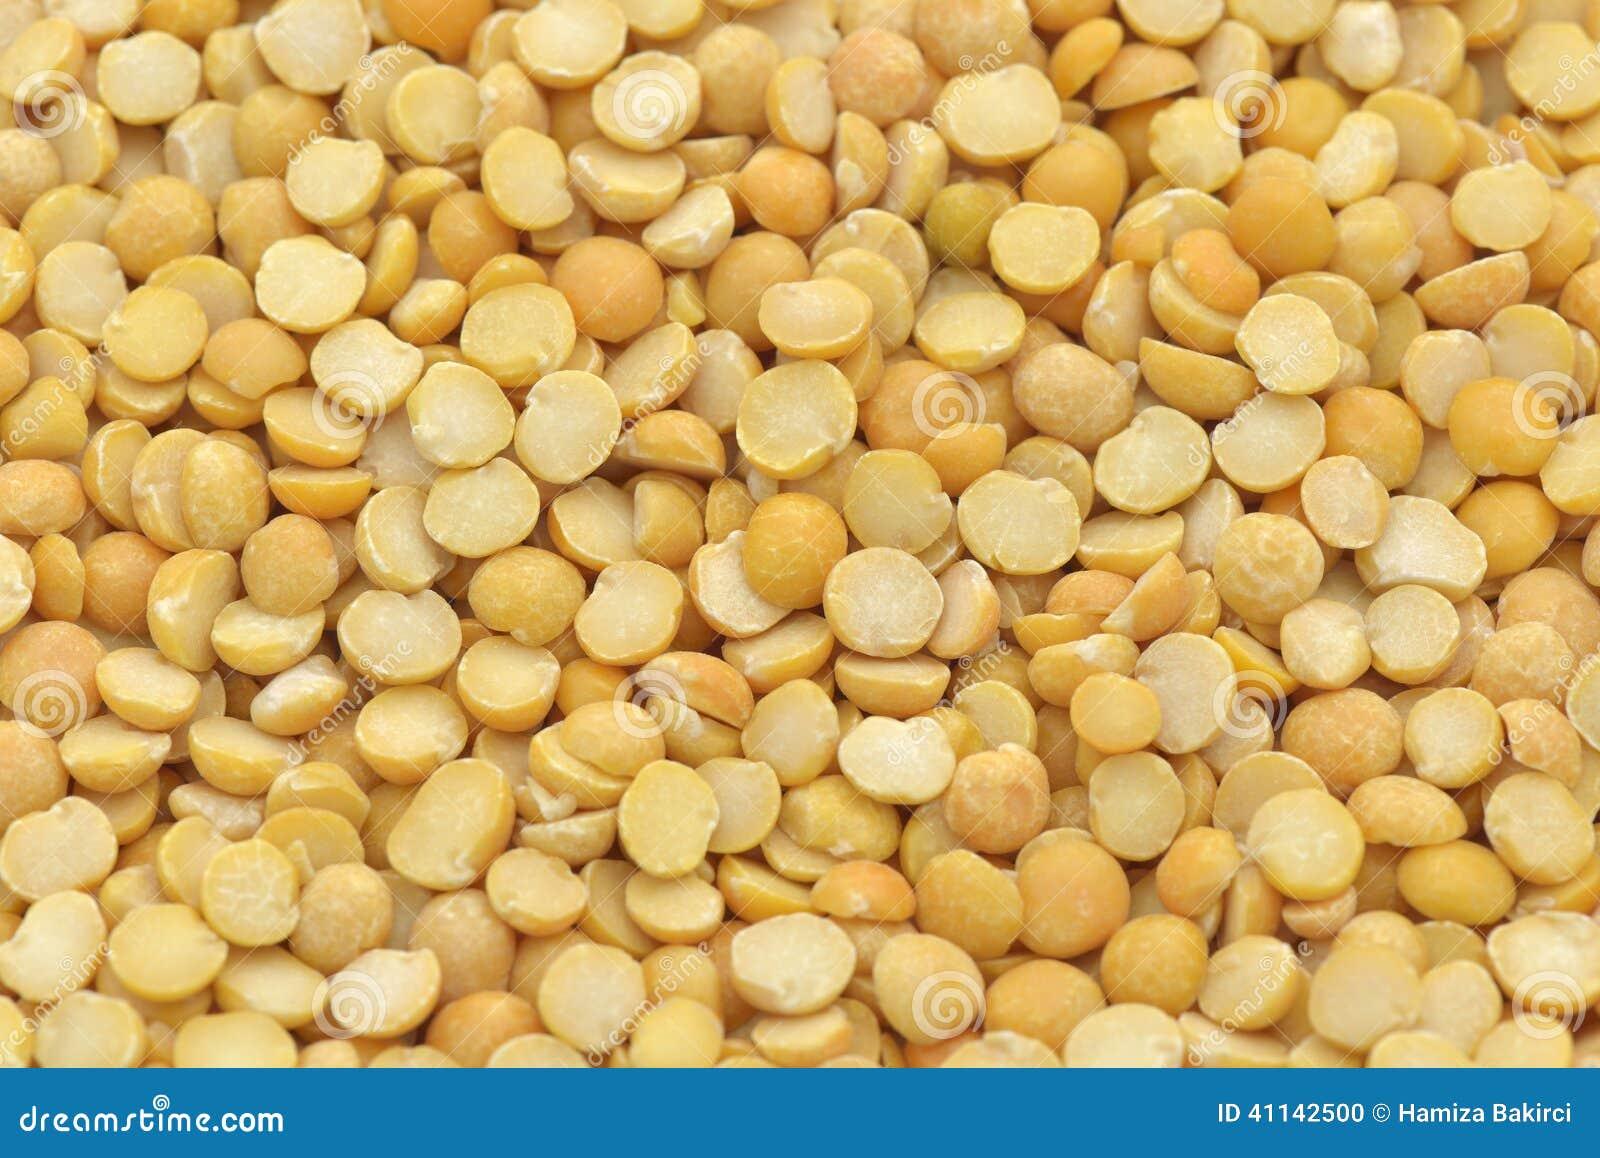 gula ärtor protein